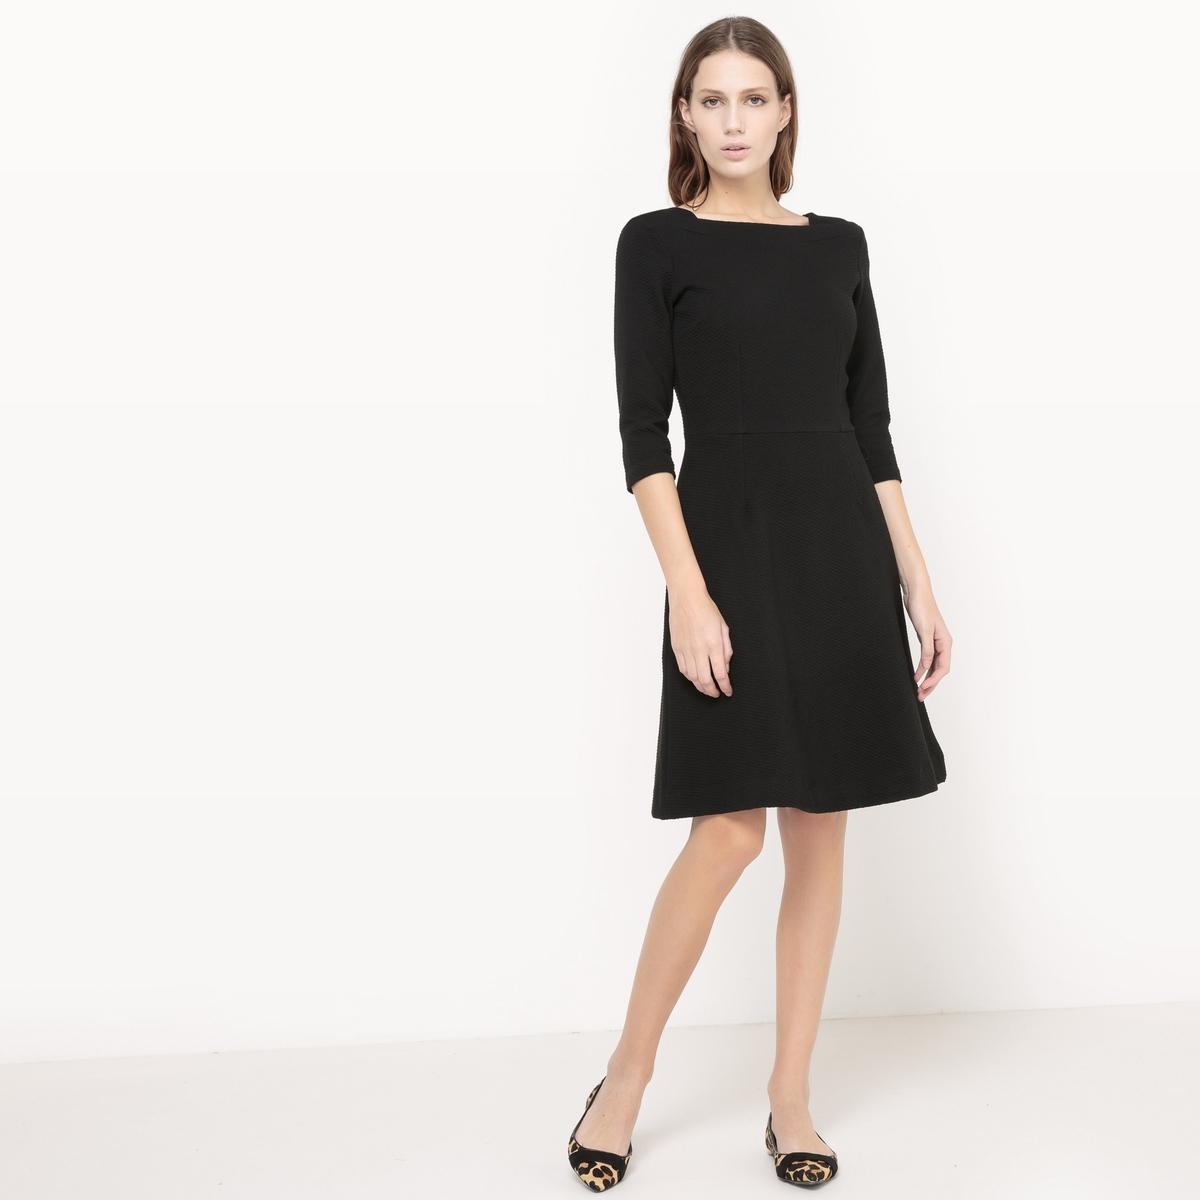 Платье с рукавами 3/4Платье с рукавами 3/4 TOM TAILOR . Платье с квадратным вырезом  . Присборенная талия . Пояс из материала с вафельным узором . Состав и описание :Материал : 72% полиэстера, 24% вискозы, 4% эластана Марка : TOM TAILOR.<br><br>Цвет: черный<br>Размер: 42 (FR) - 48 (RUS)